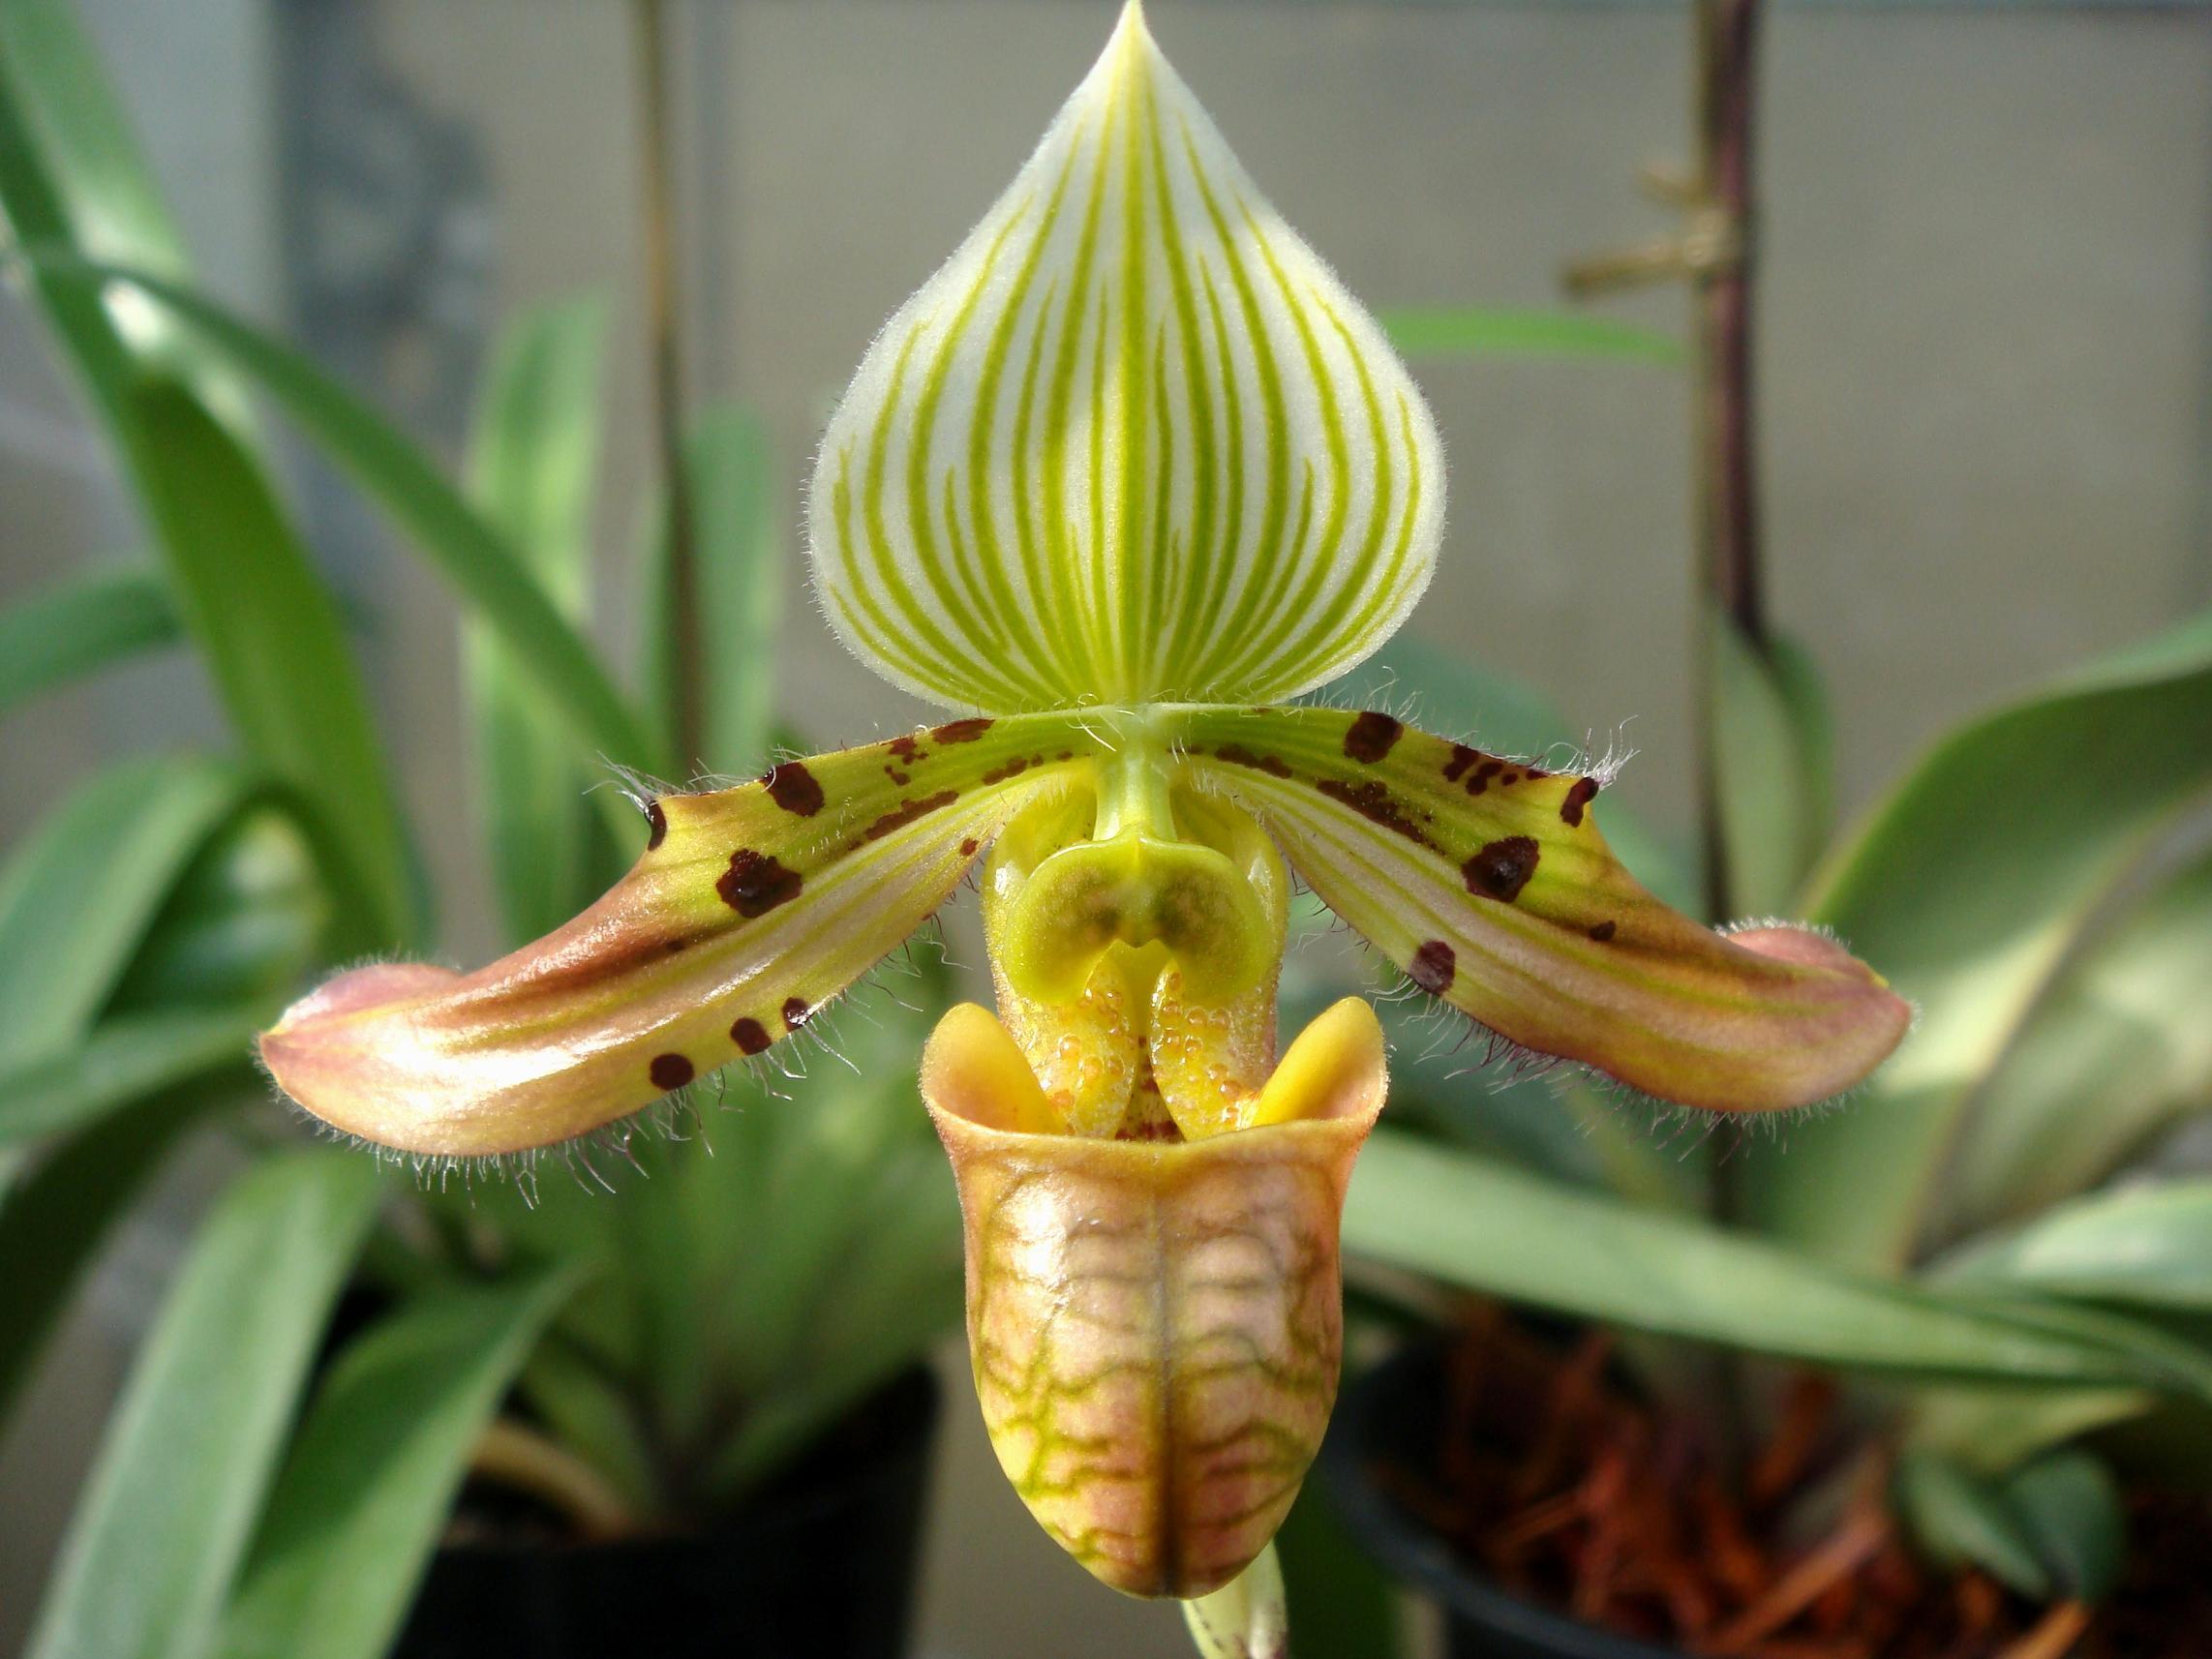 http://orchids.la.coocan.jp/Paphiopedilum/Paphiopedilum%20venustum/DSC05864.JPG